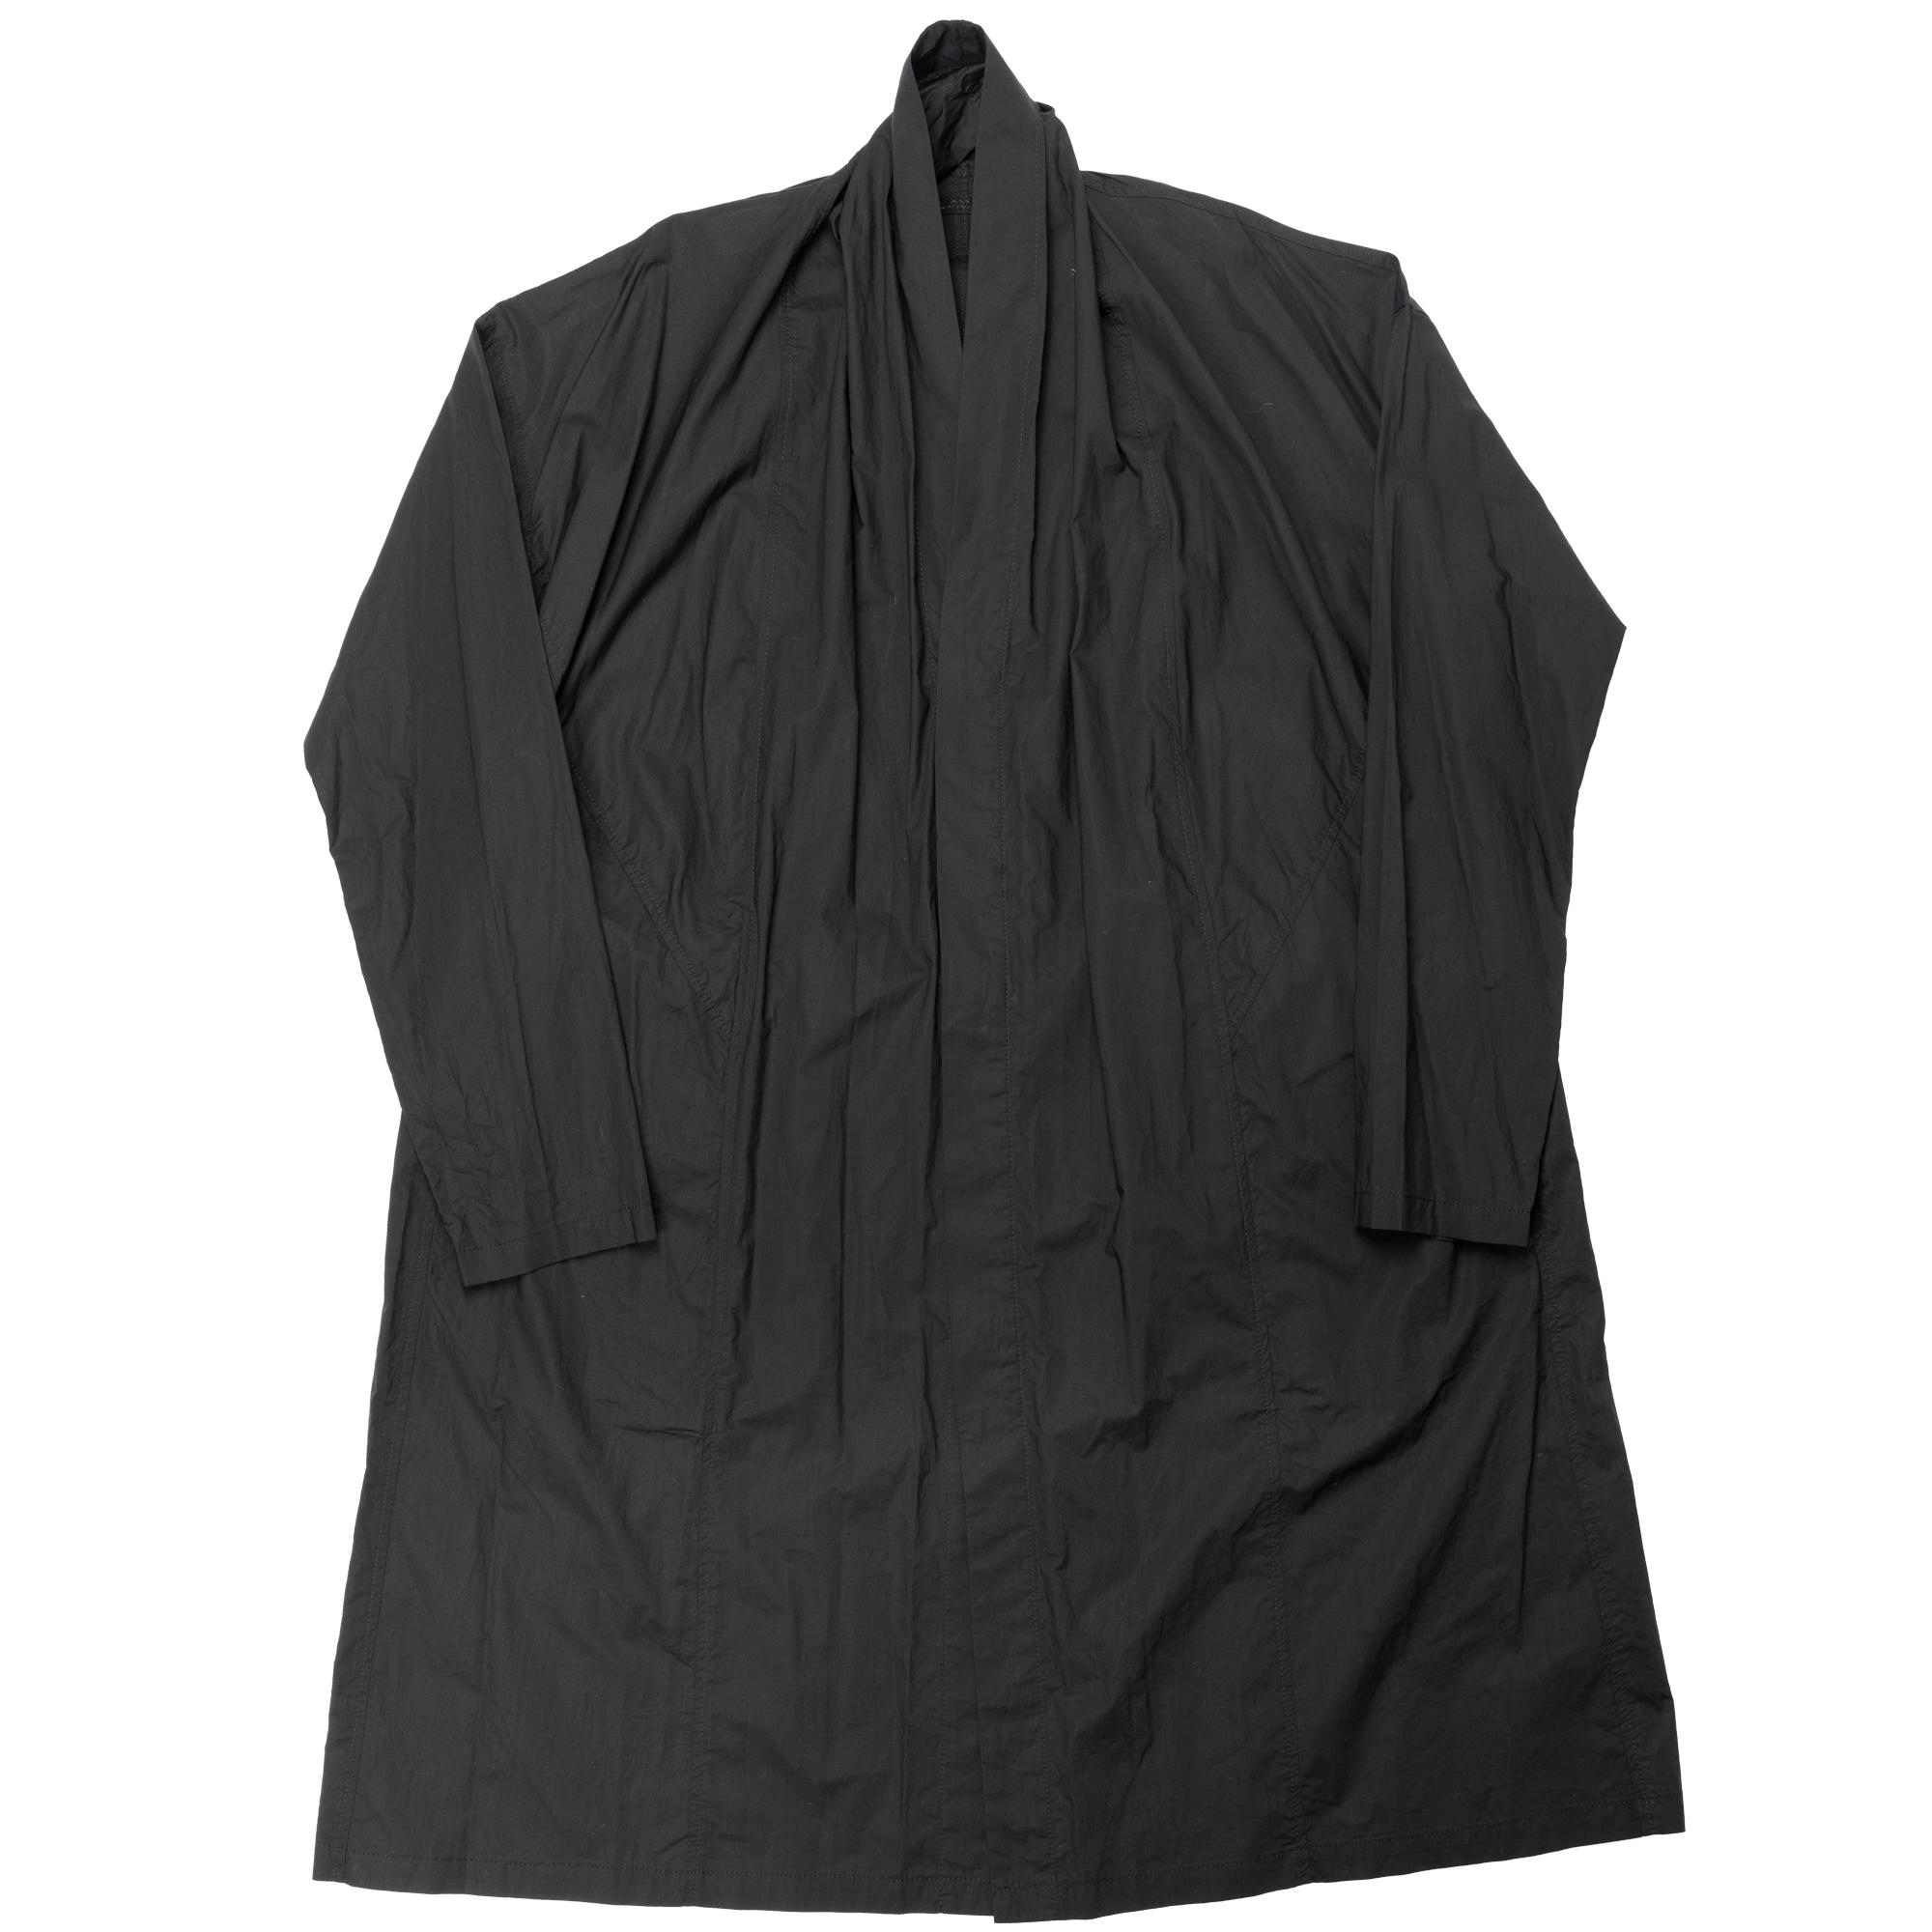 647SHM3-BLACK / ドレーピングシャツジャケット